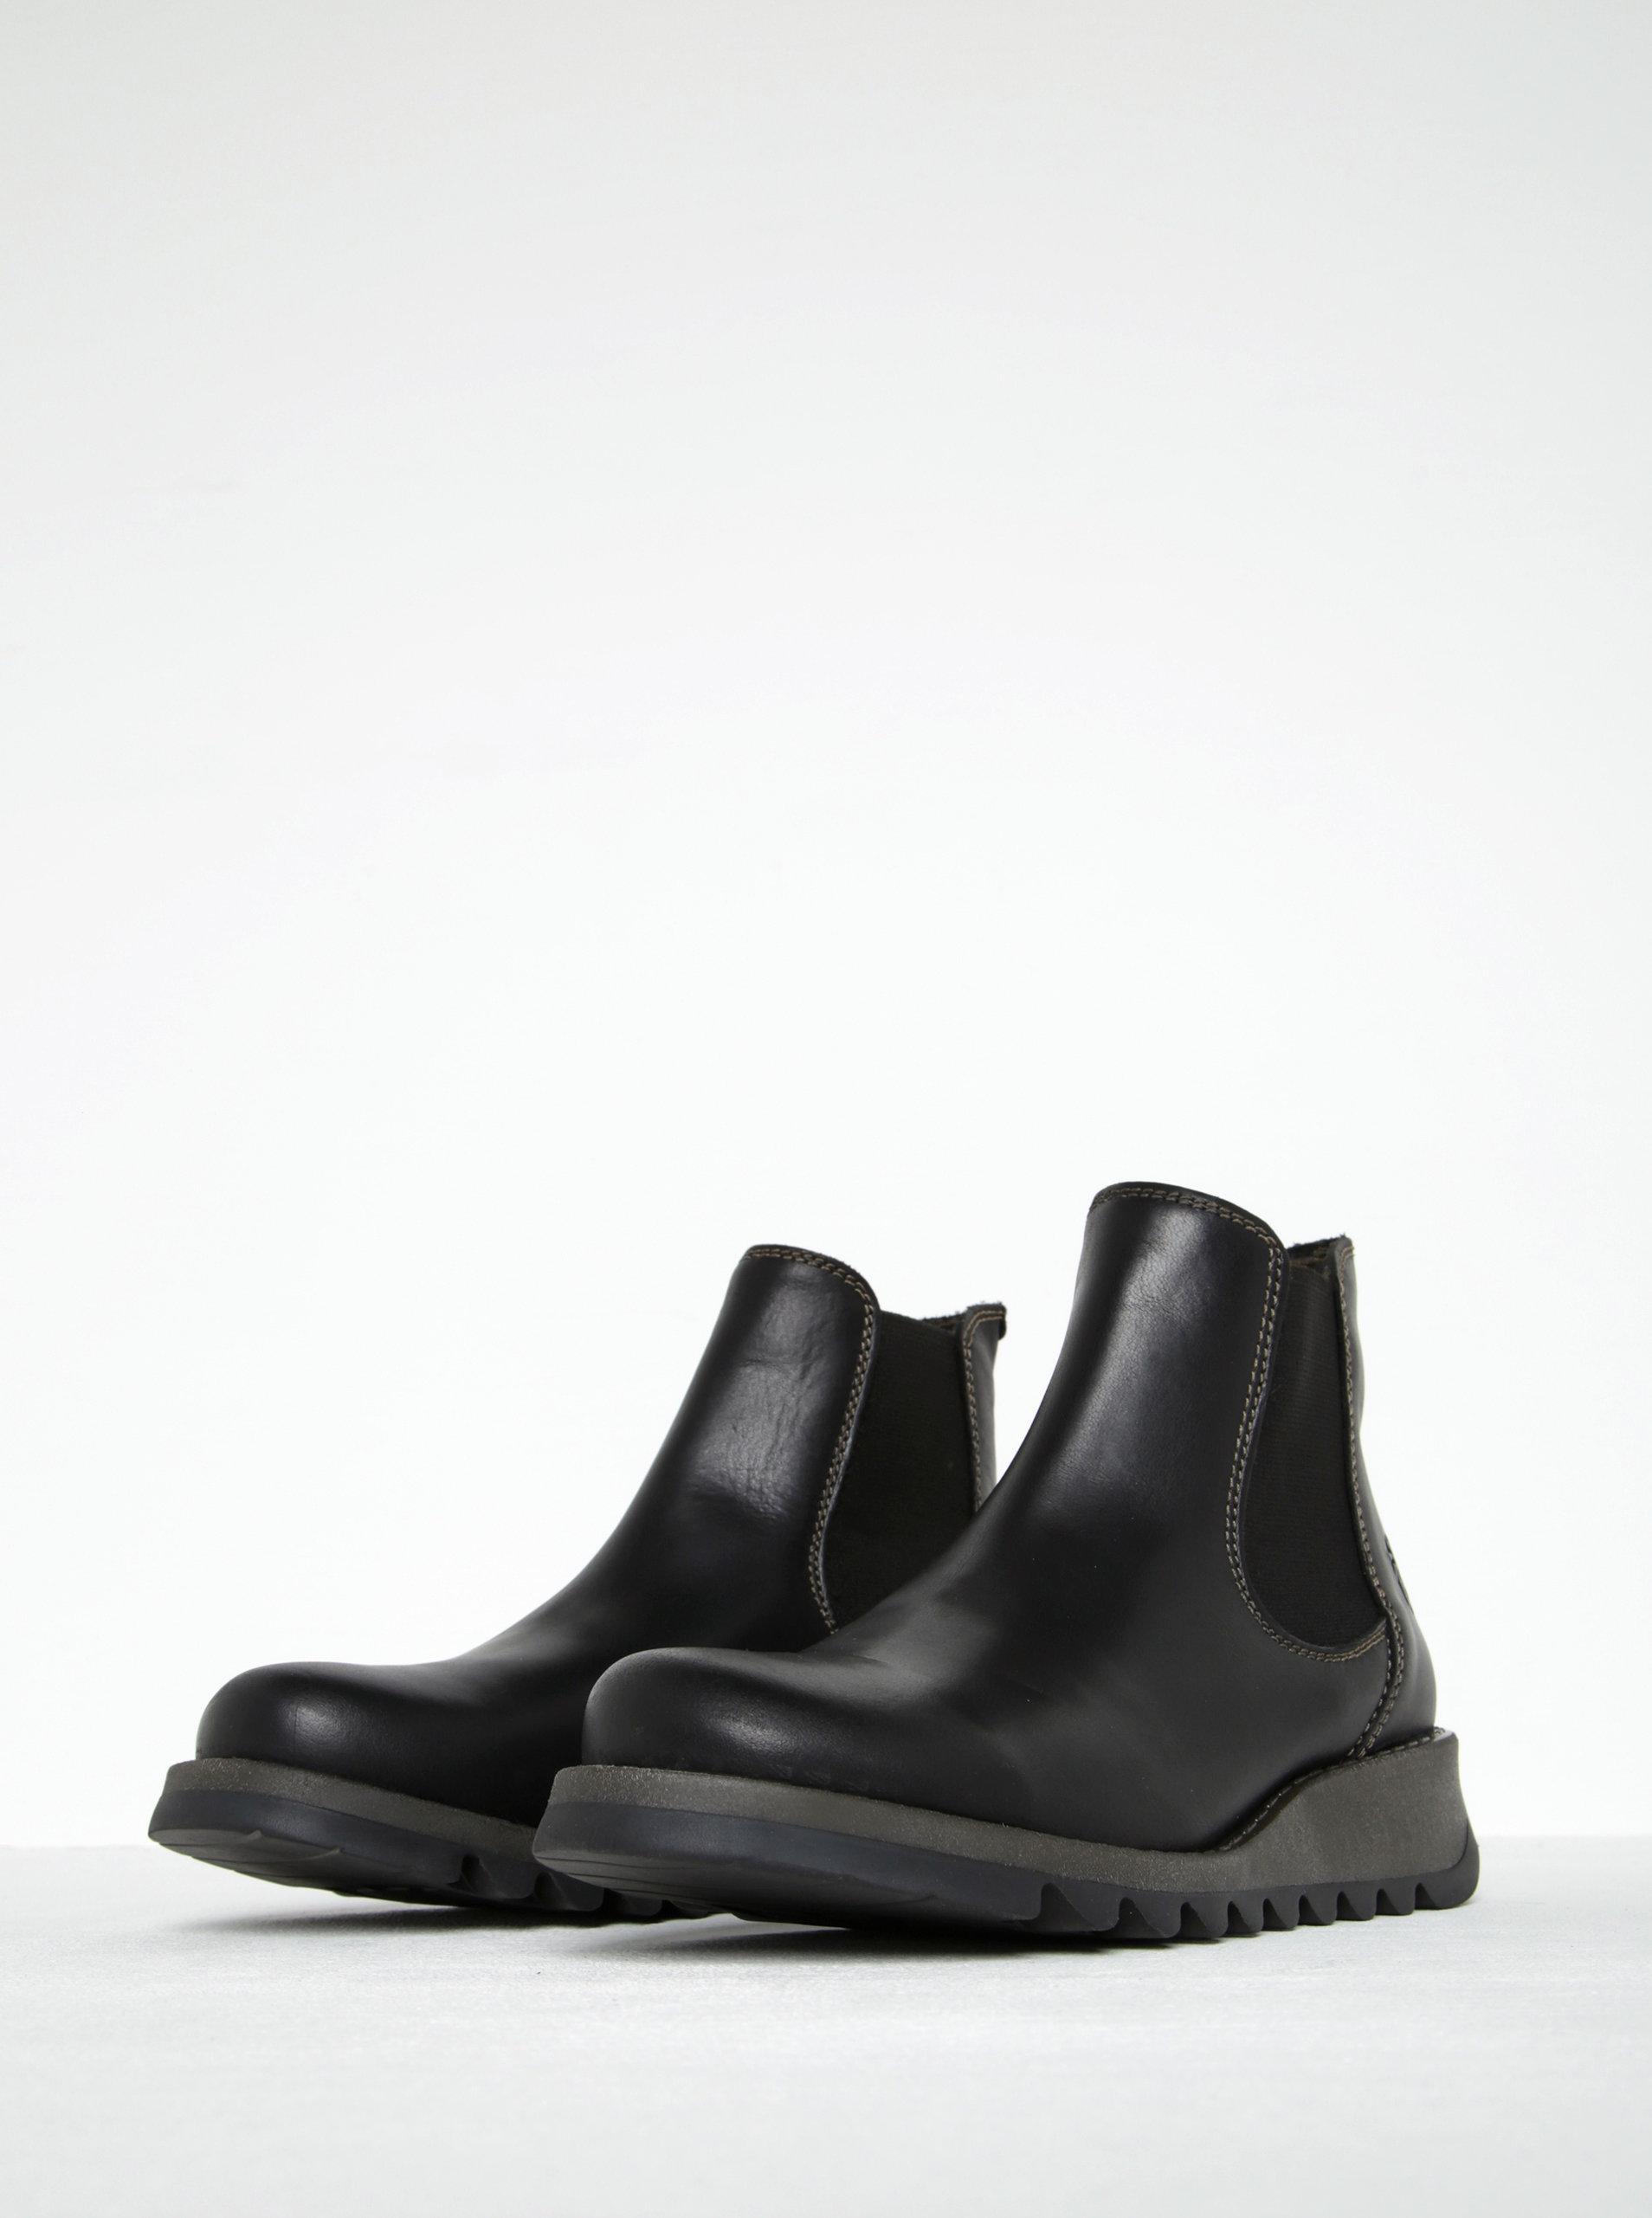 Černé dámské kožené chelsea boty FLY London ... b037229047